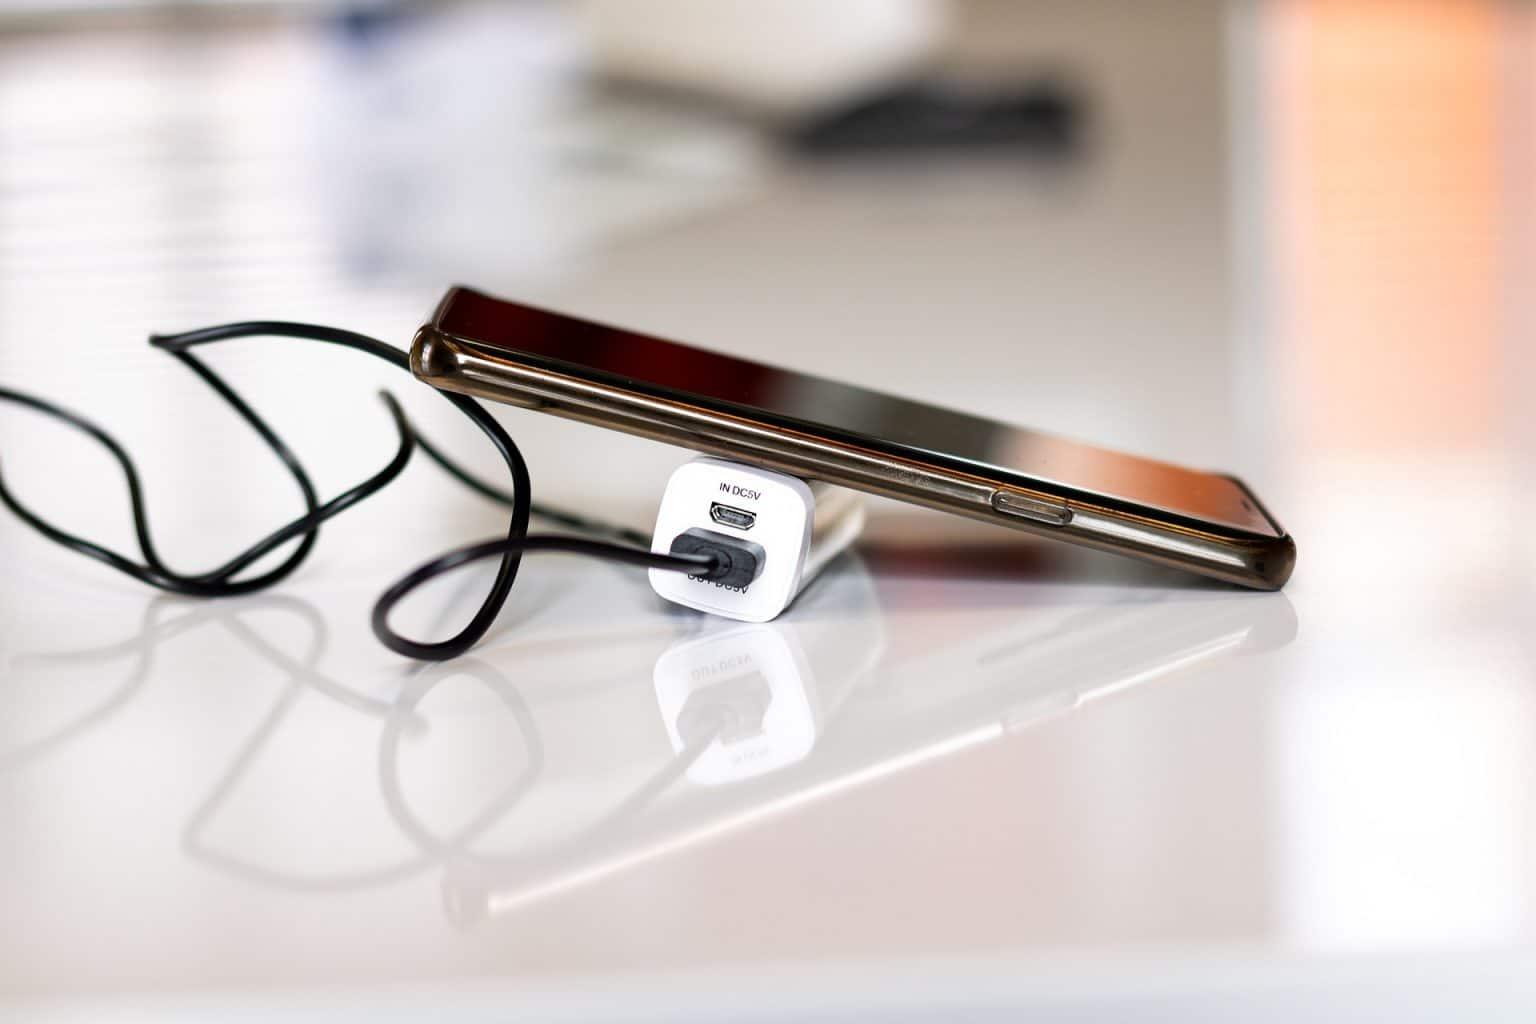 شركة تحليل البيانات العالمية lDC تتوقع أن ينخفض الطلب على الهواتف الذكية بنسبة 10.6% خلال الربع الأول من 2020